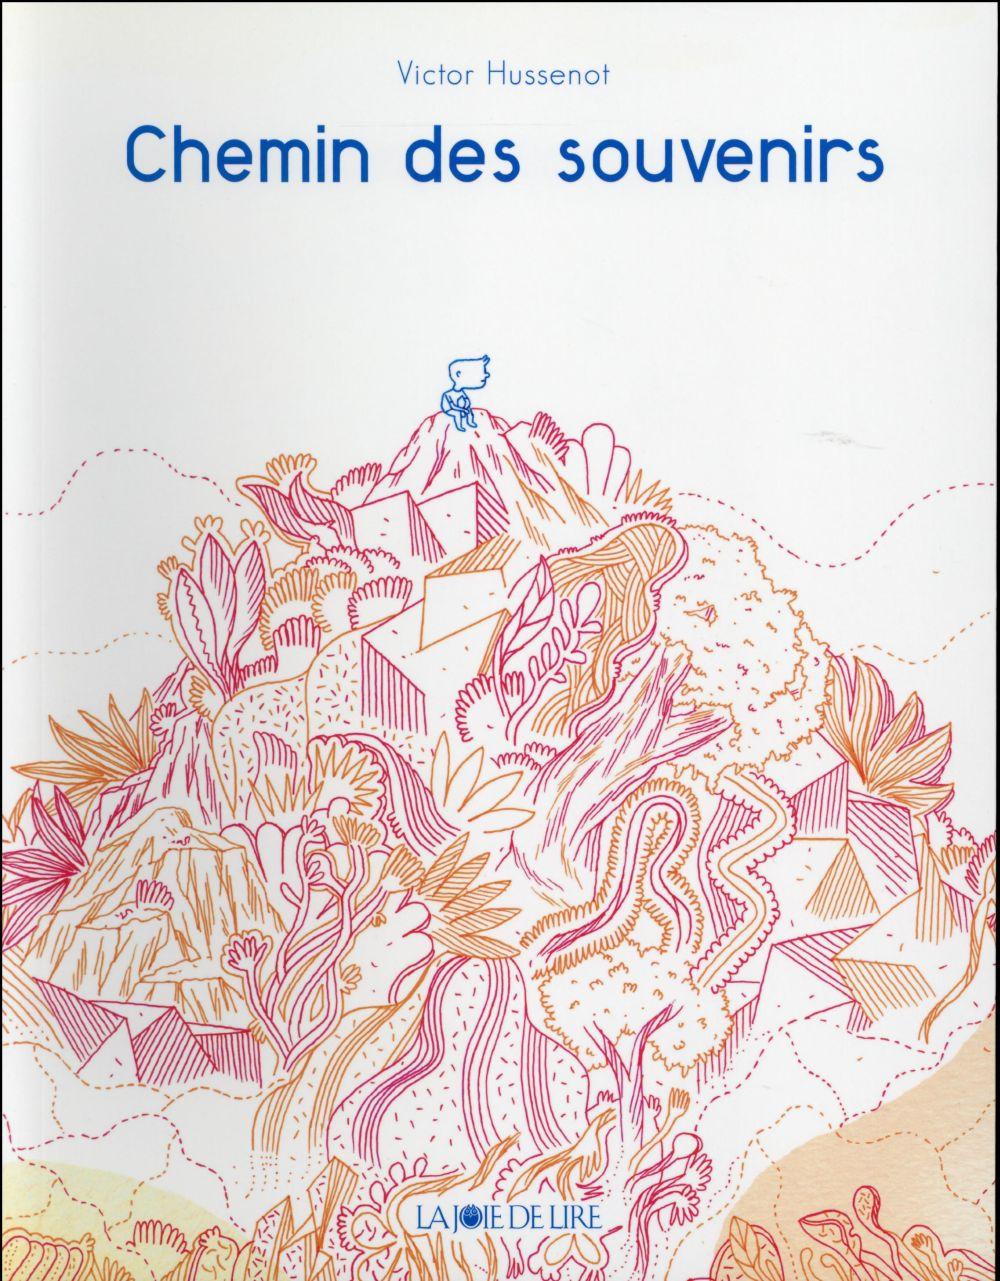 CHEMIN DES SOUVENIRS